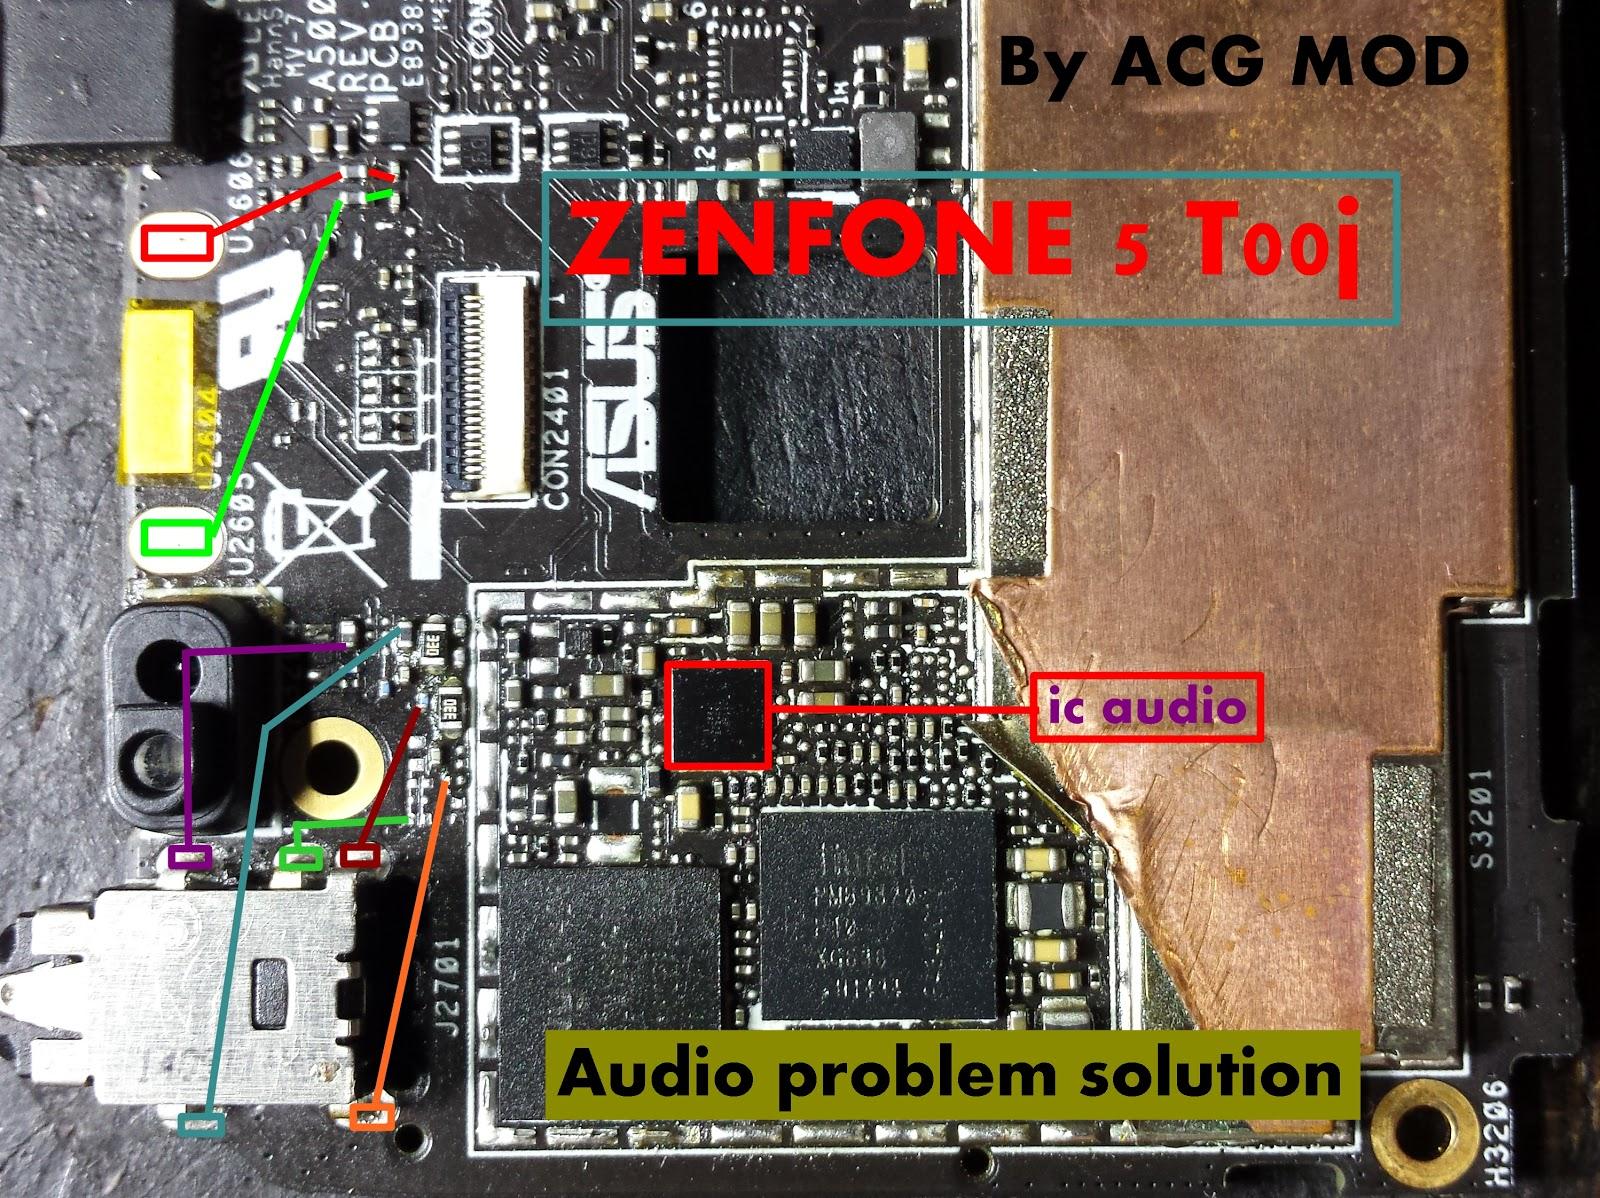 Acg Mod  Asus Zenfone 5 T00j  Audio Ways  Mode Handsfree Solution